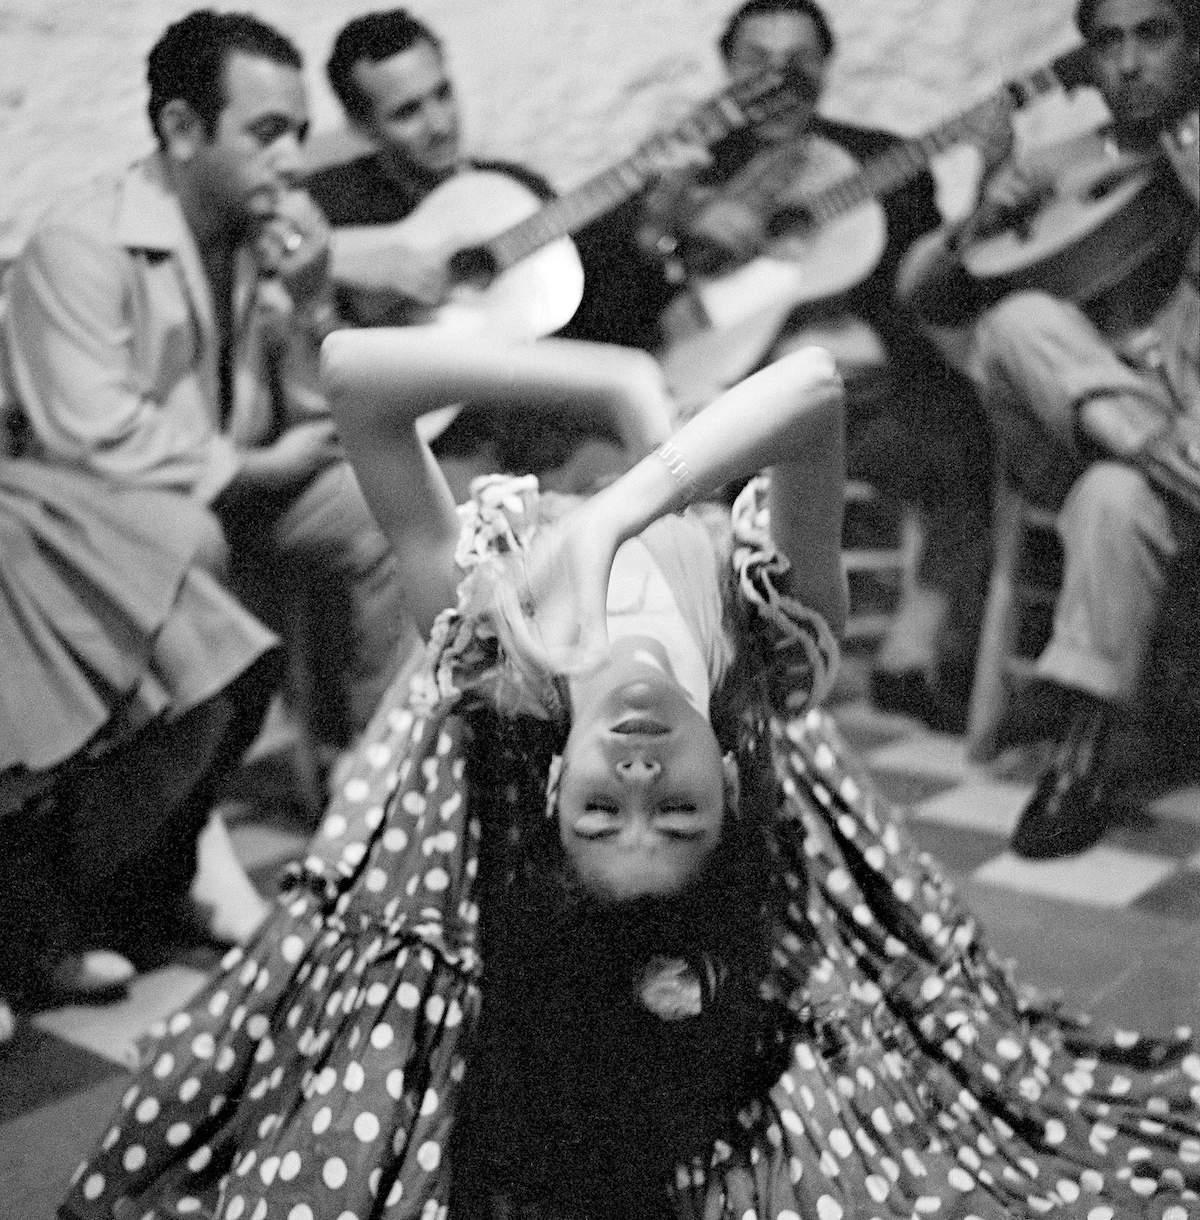 Spain in the 1950s Piergiorgio Branzi Photography